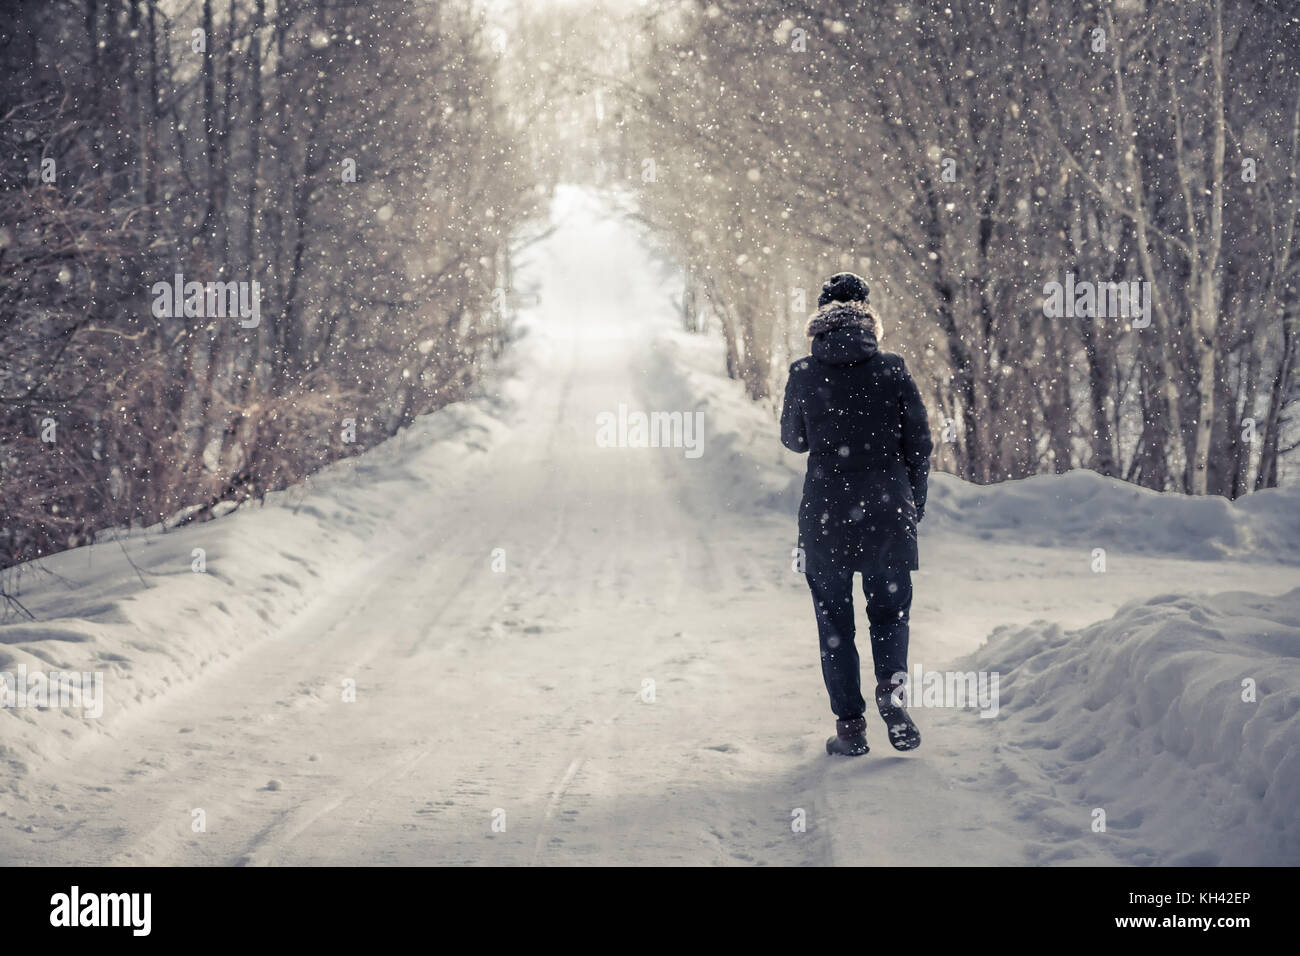 Einsame Frau zu Fuß auf verschneite Straße zwischen Bäumen Gasse mit Licht am Ende des Weges in kalten Wintertag Stockfoto